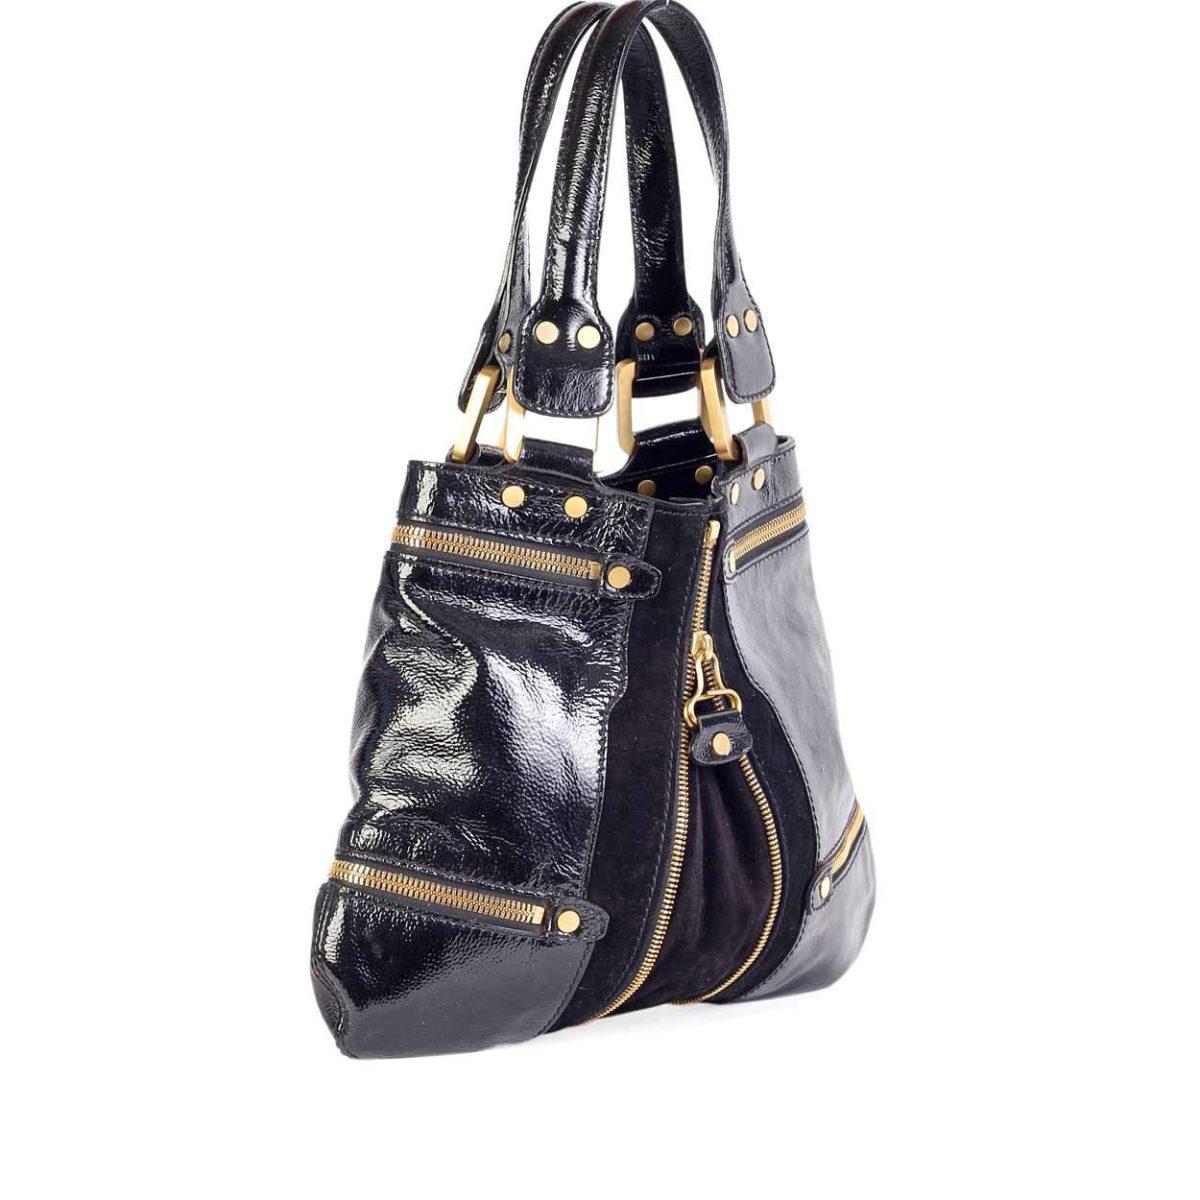 b5dae4036a JIMMY CHOO Mona Tote Bag Black